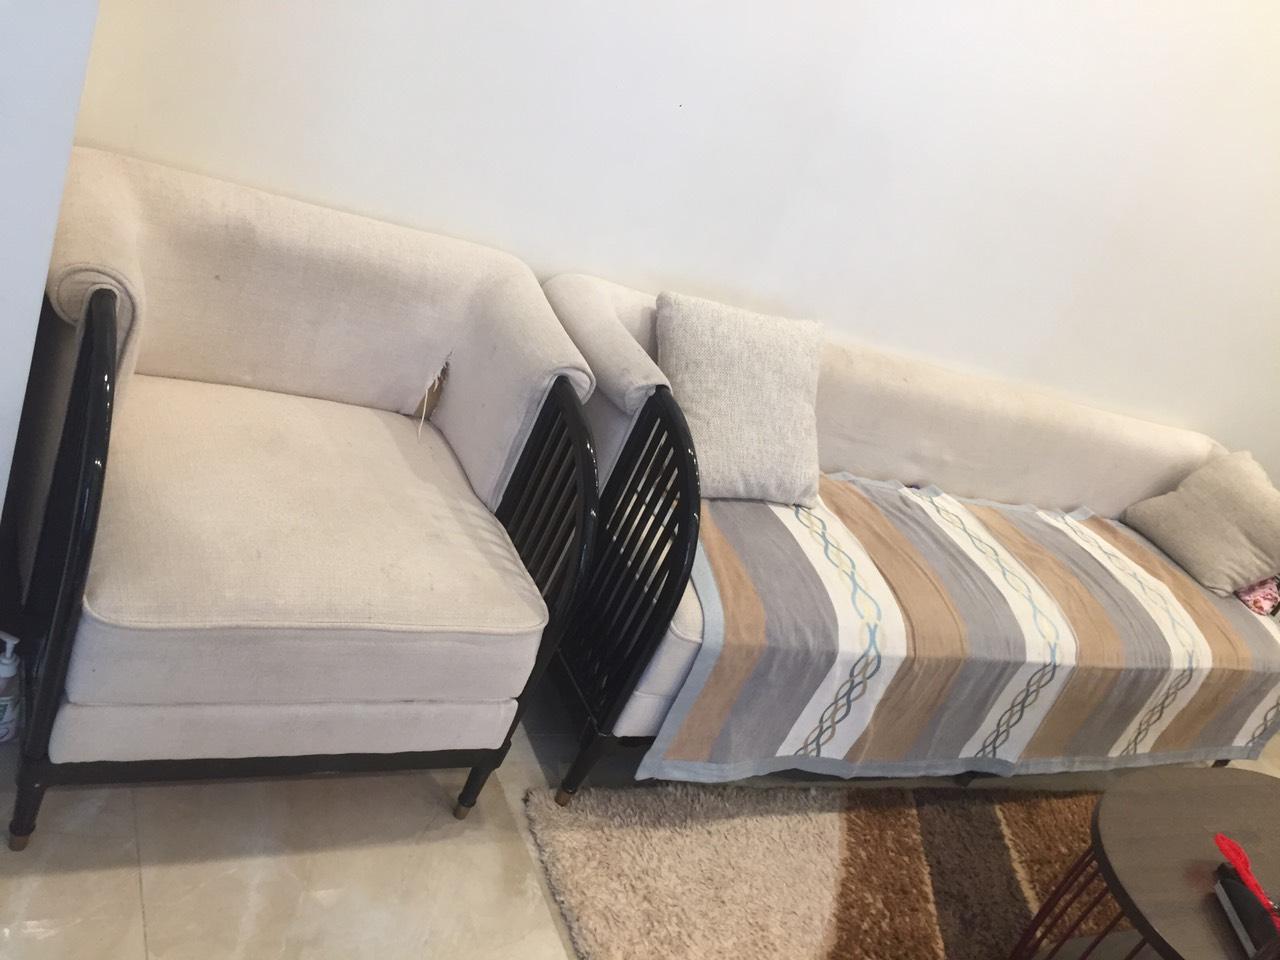 Bộ ghế sofa của gia đình tại Hoàng Hoa Thám, Hoàn Kiếm